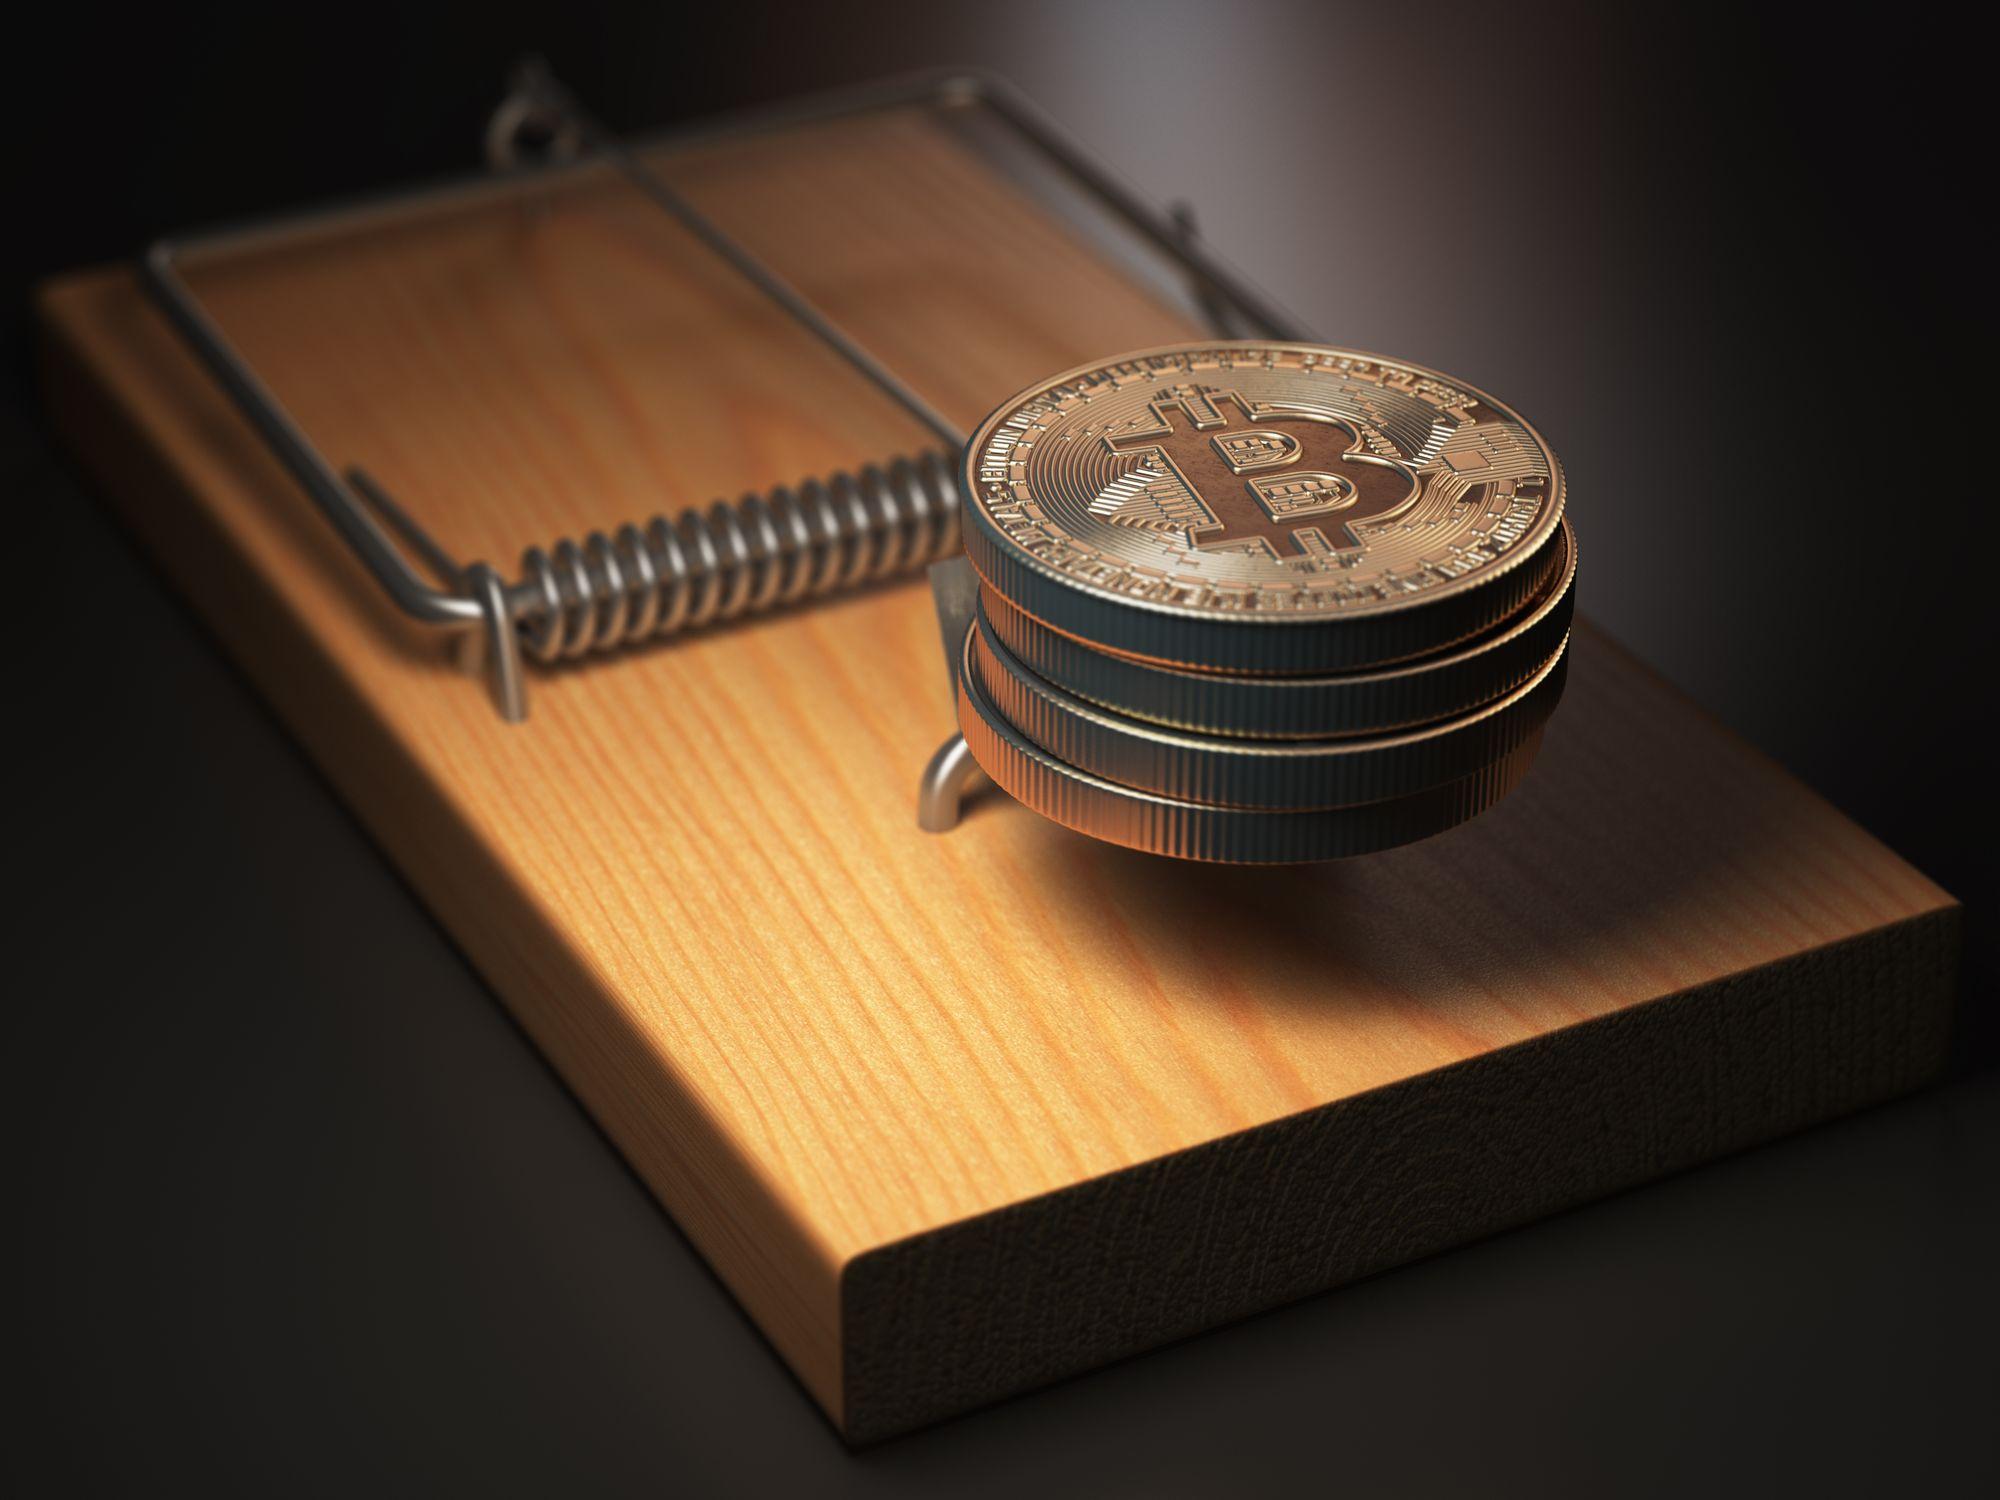 Avoiding Bitcoin Scams and Fraud